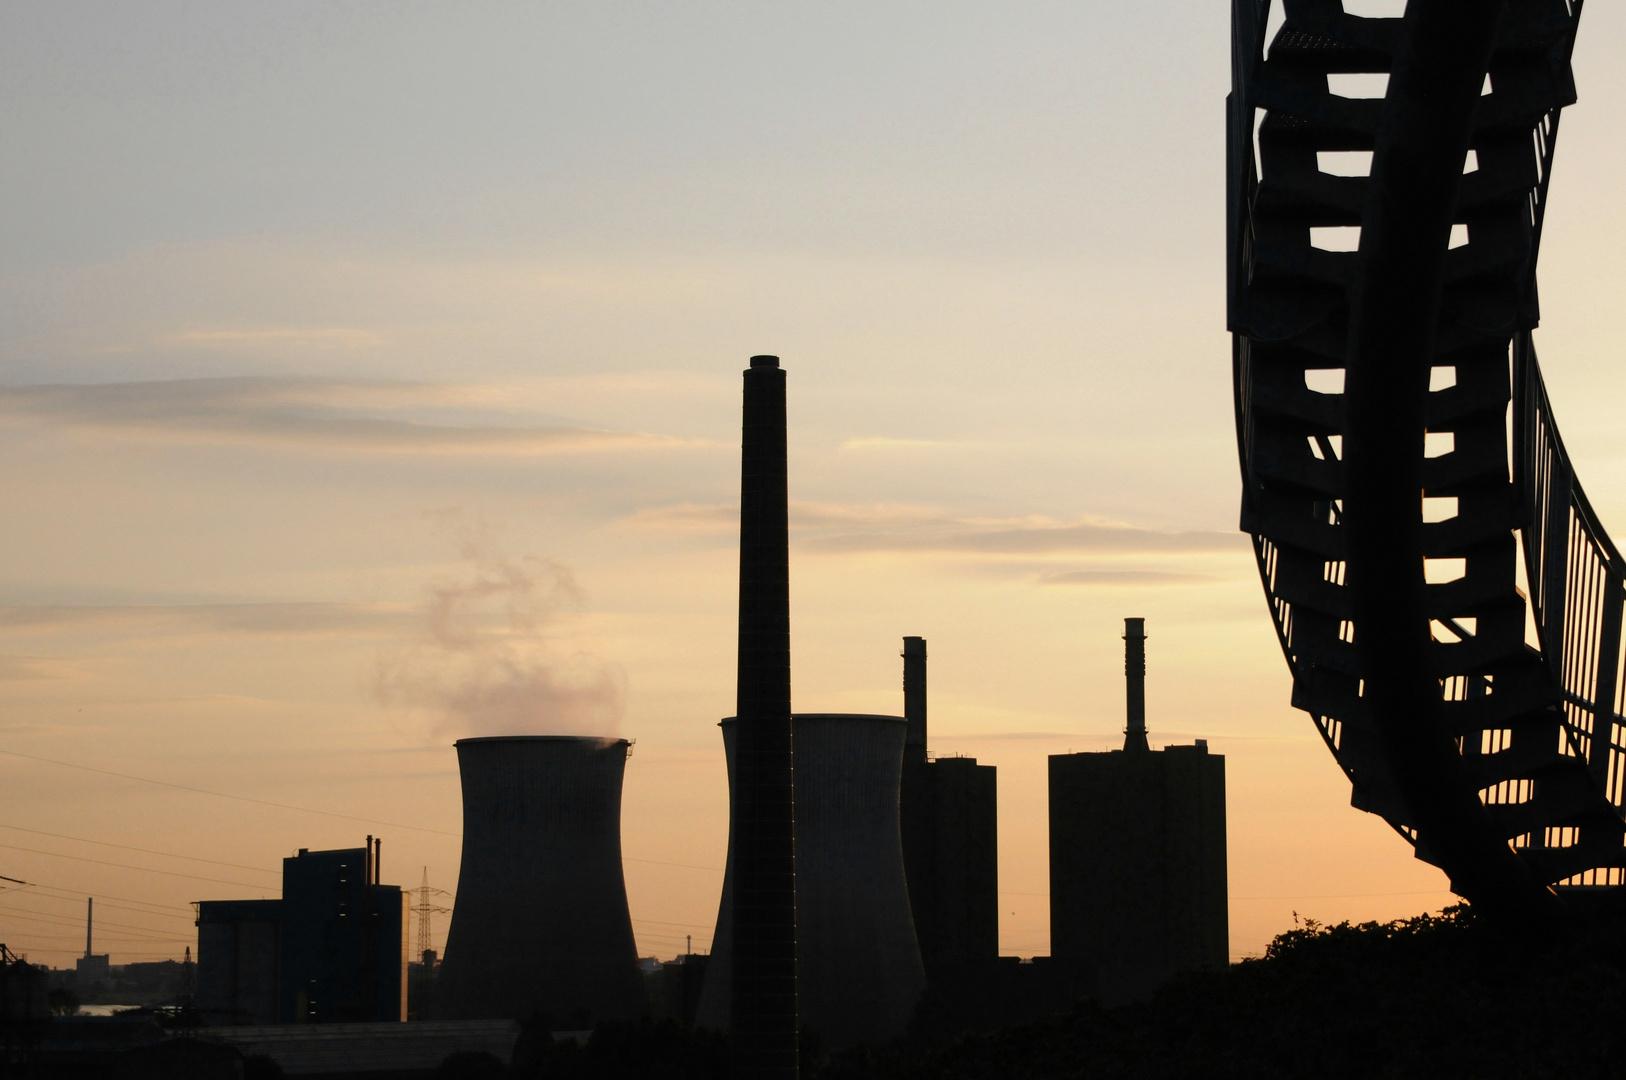 Industrie im Abendlicht . . .